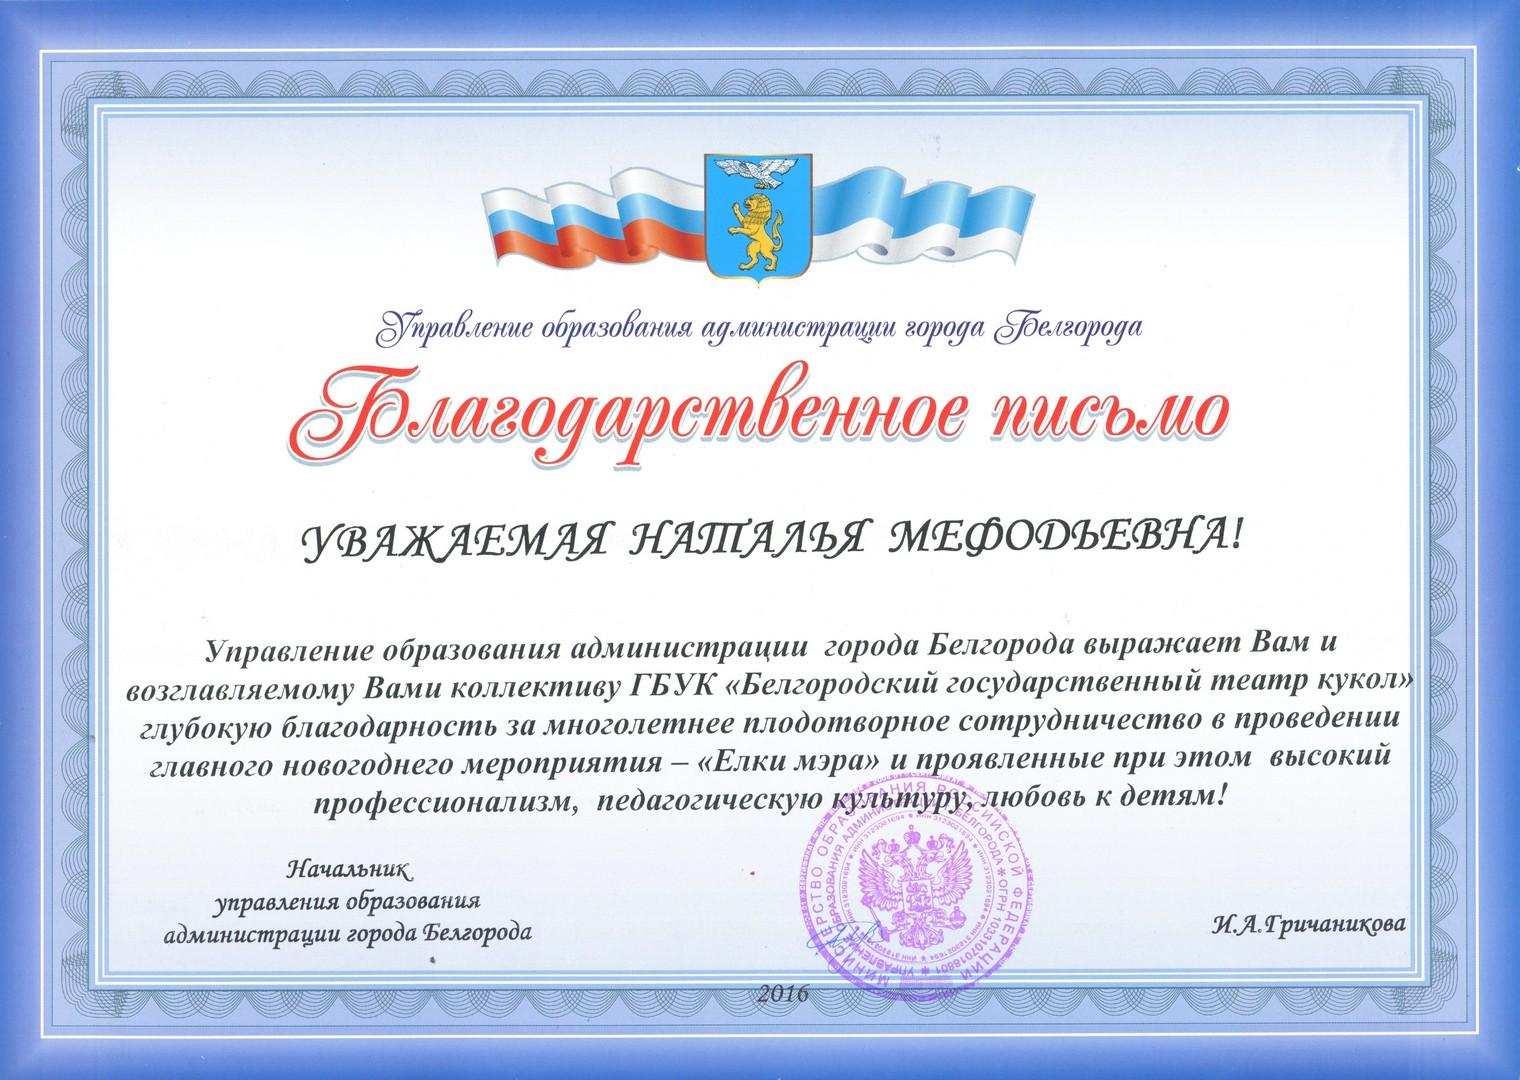 Поздравление ко дню города в прозе официальное от администрации фото 835